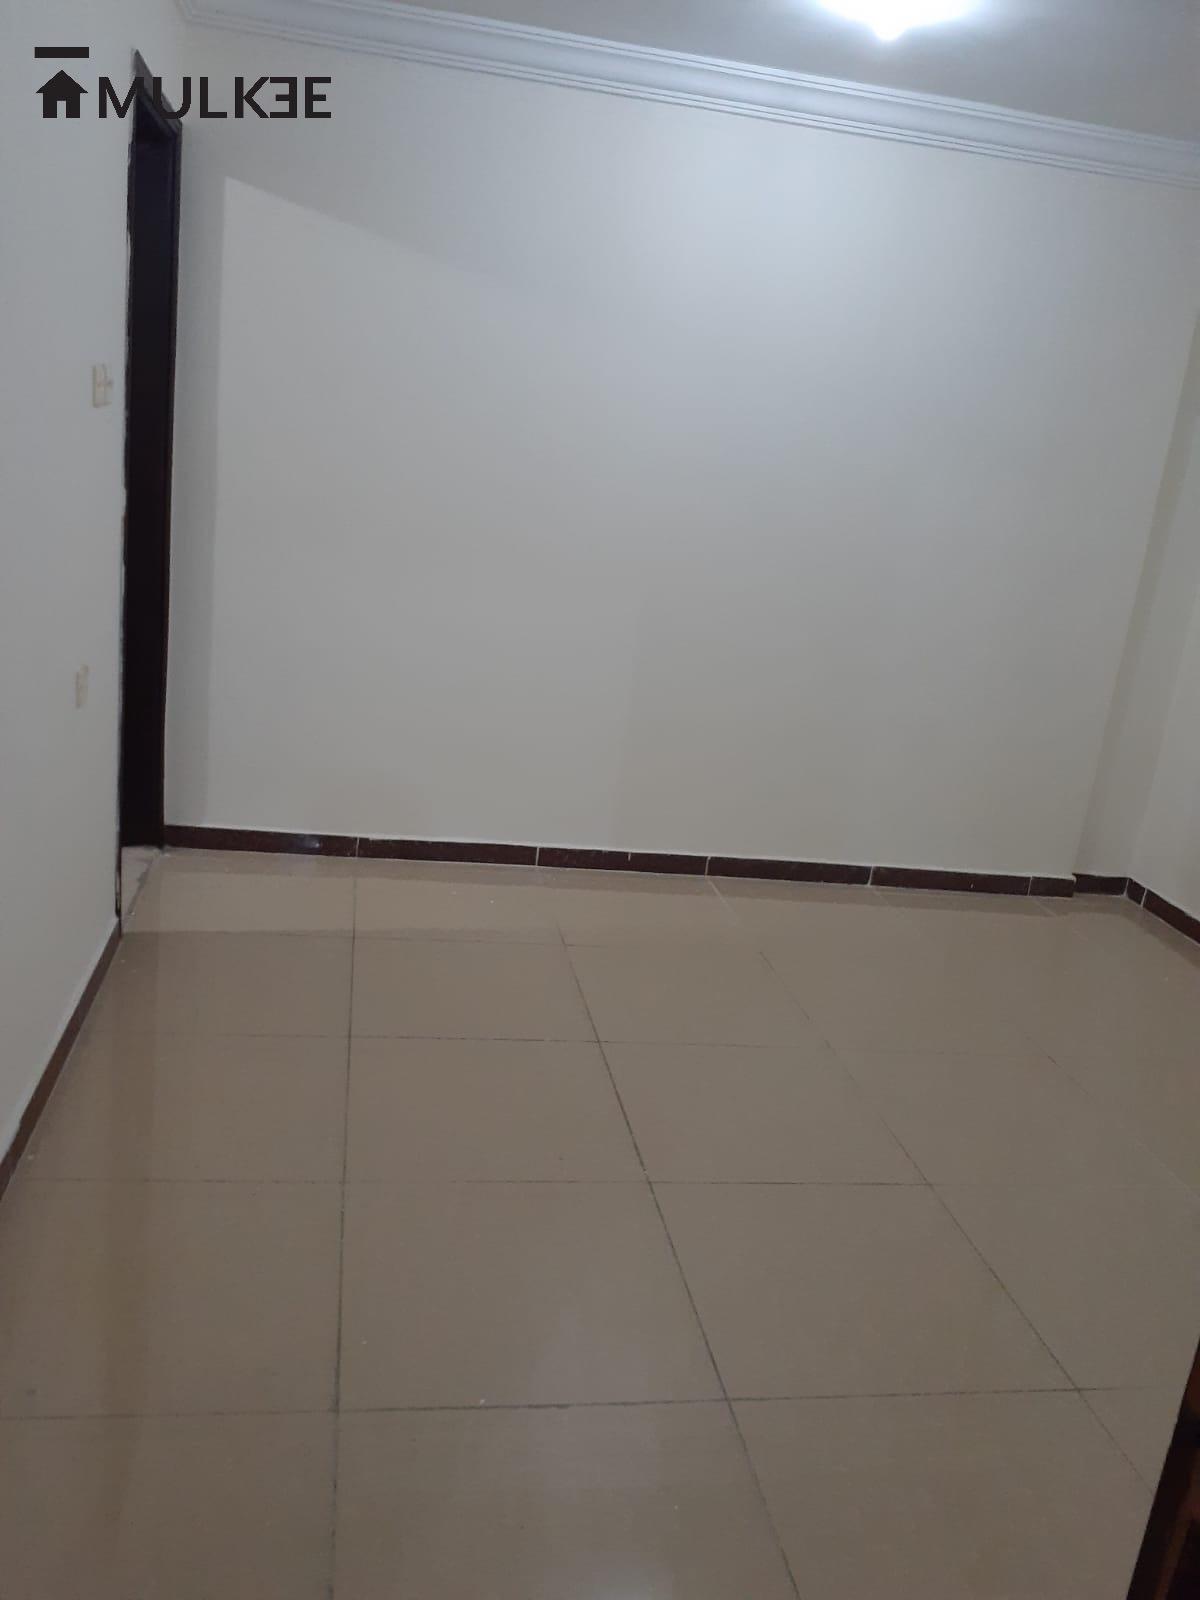 6EF5ECB0-A861-4702-B428-2F9D427EB760